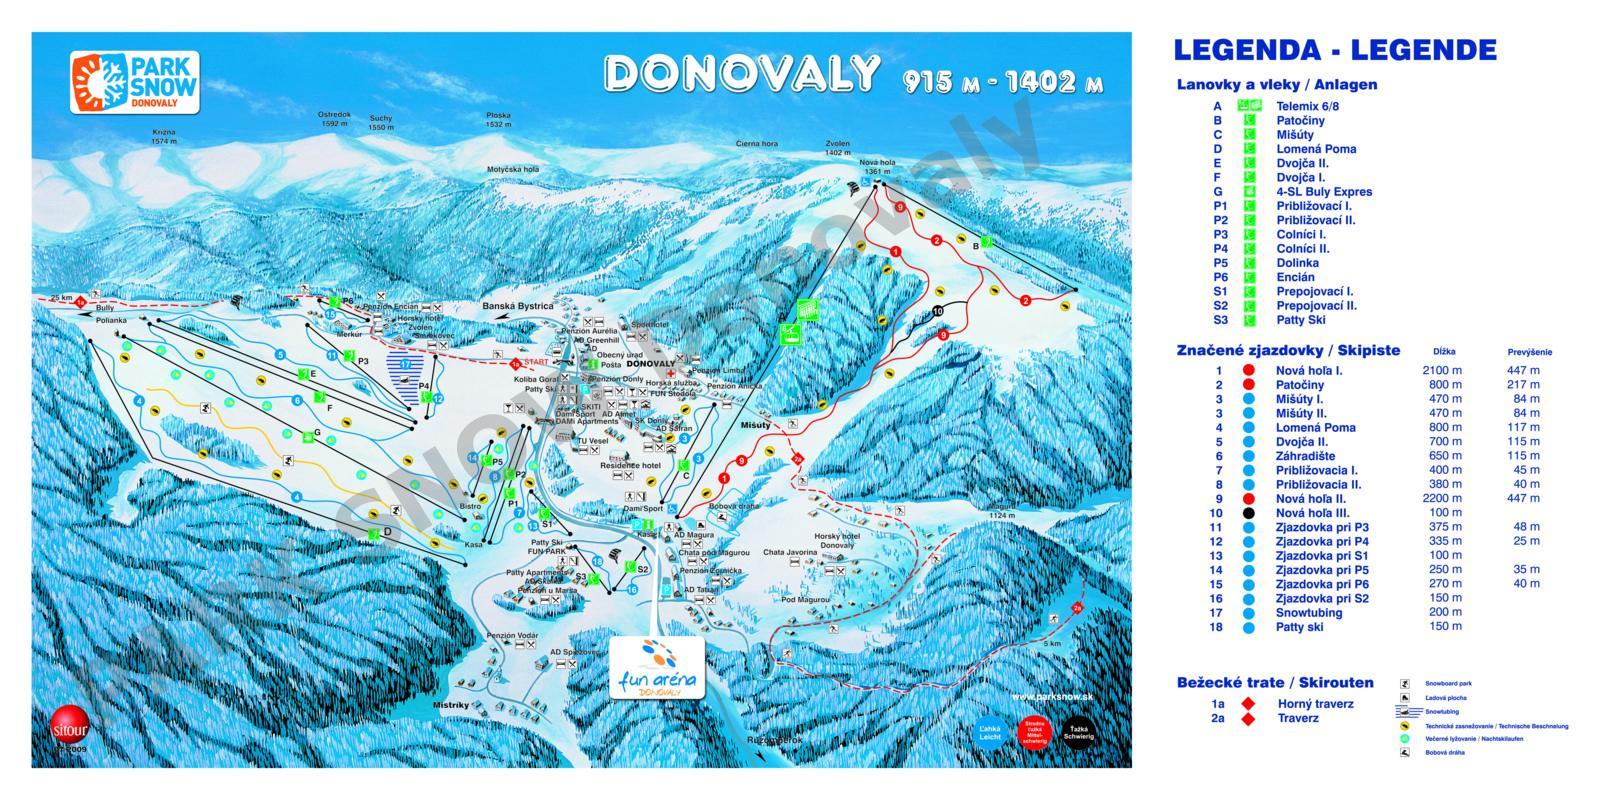 www.kiskatravel.sk - lyžovanie na Donovaloch